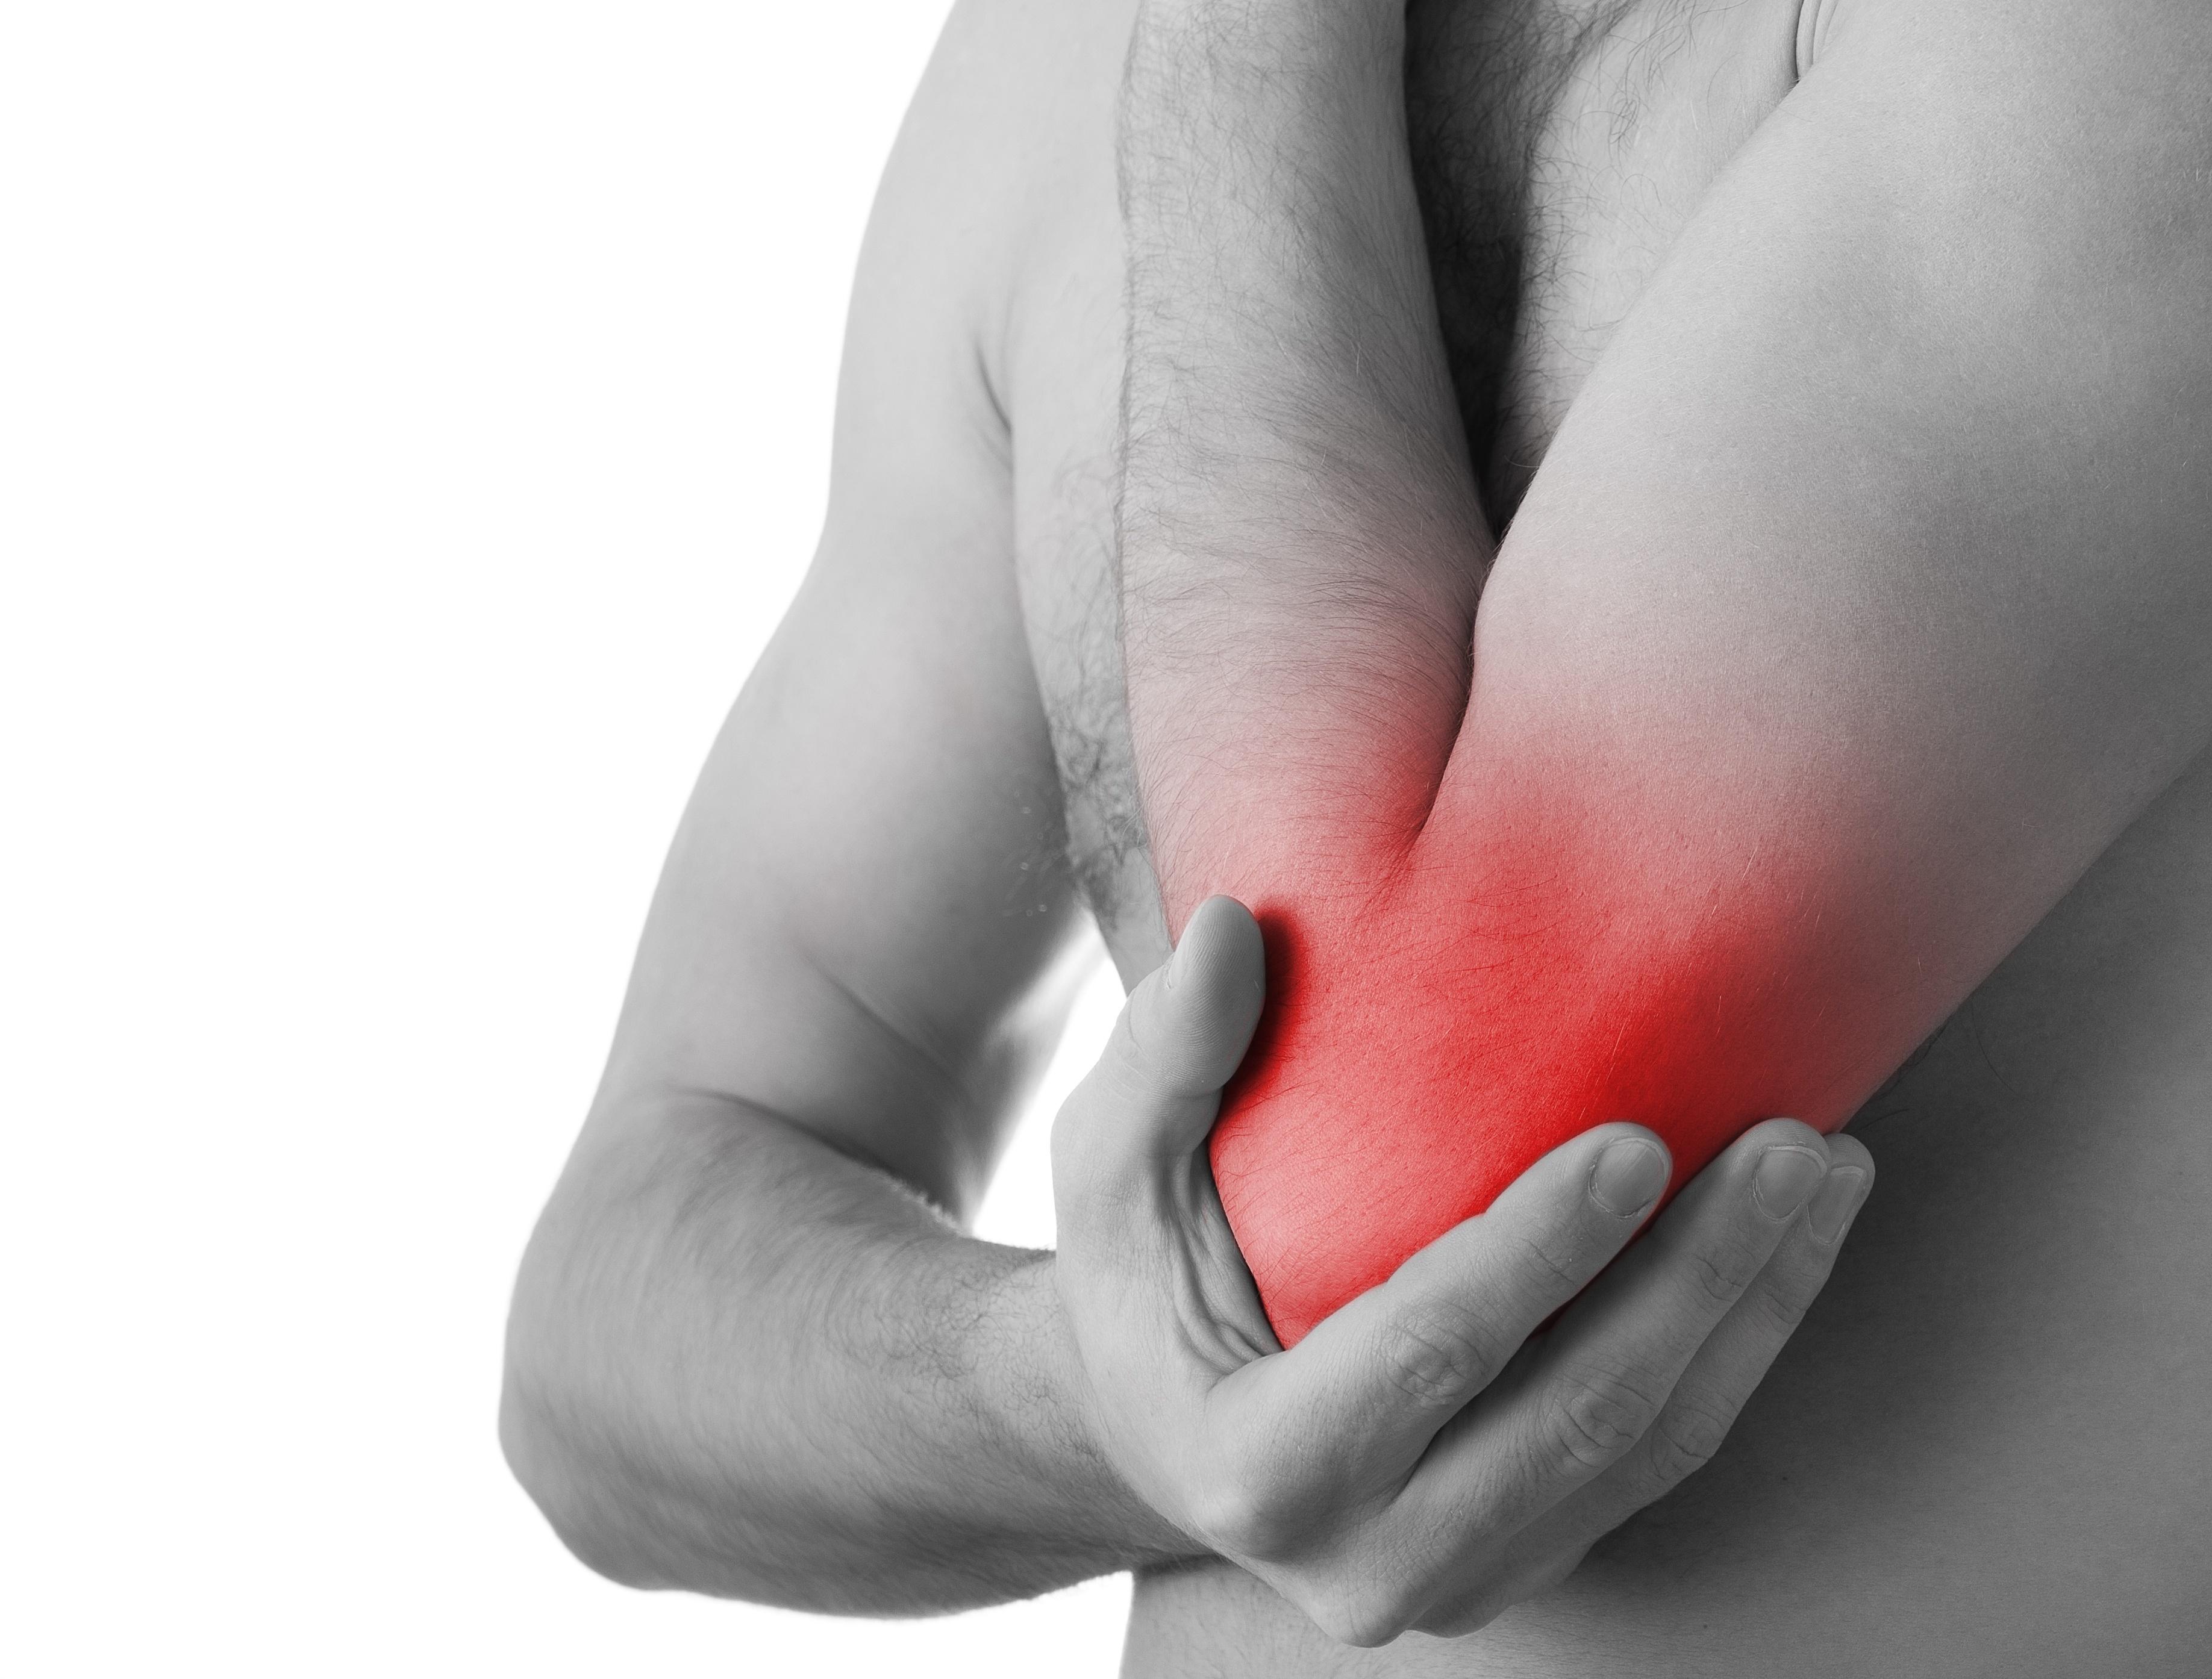 Ízületi fájdalmak okai és kezelése - fájdalomportáseovizsgalat.hu